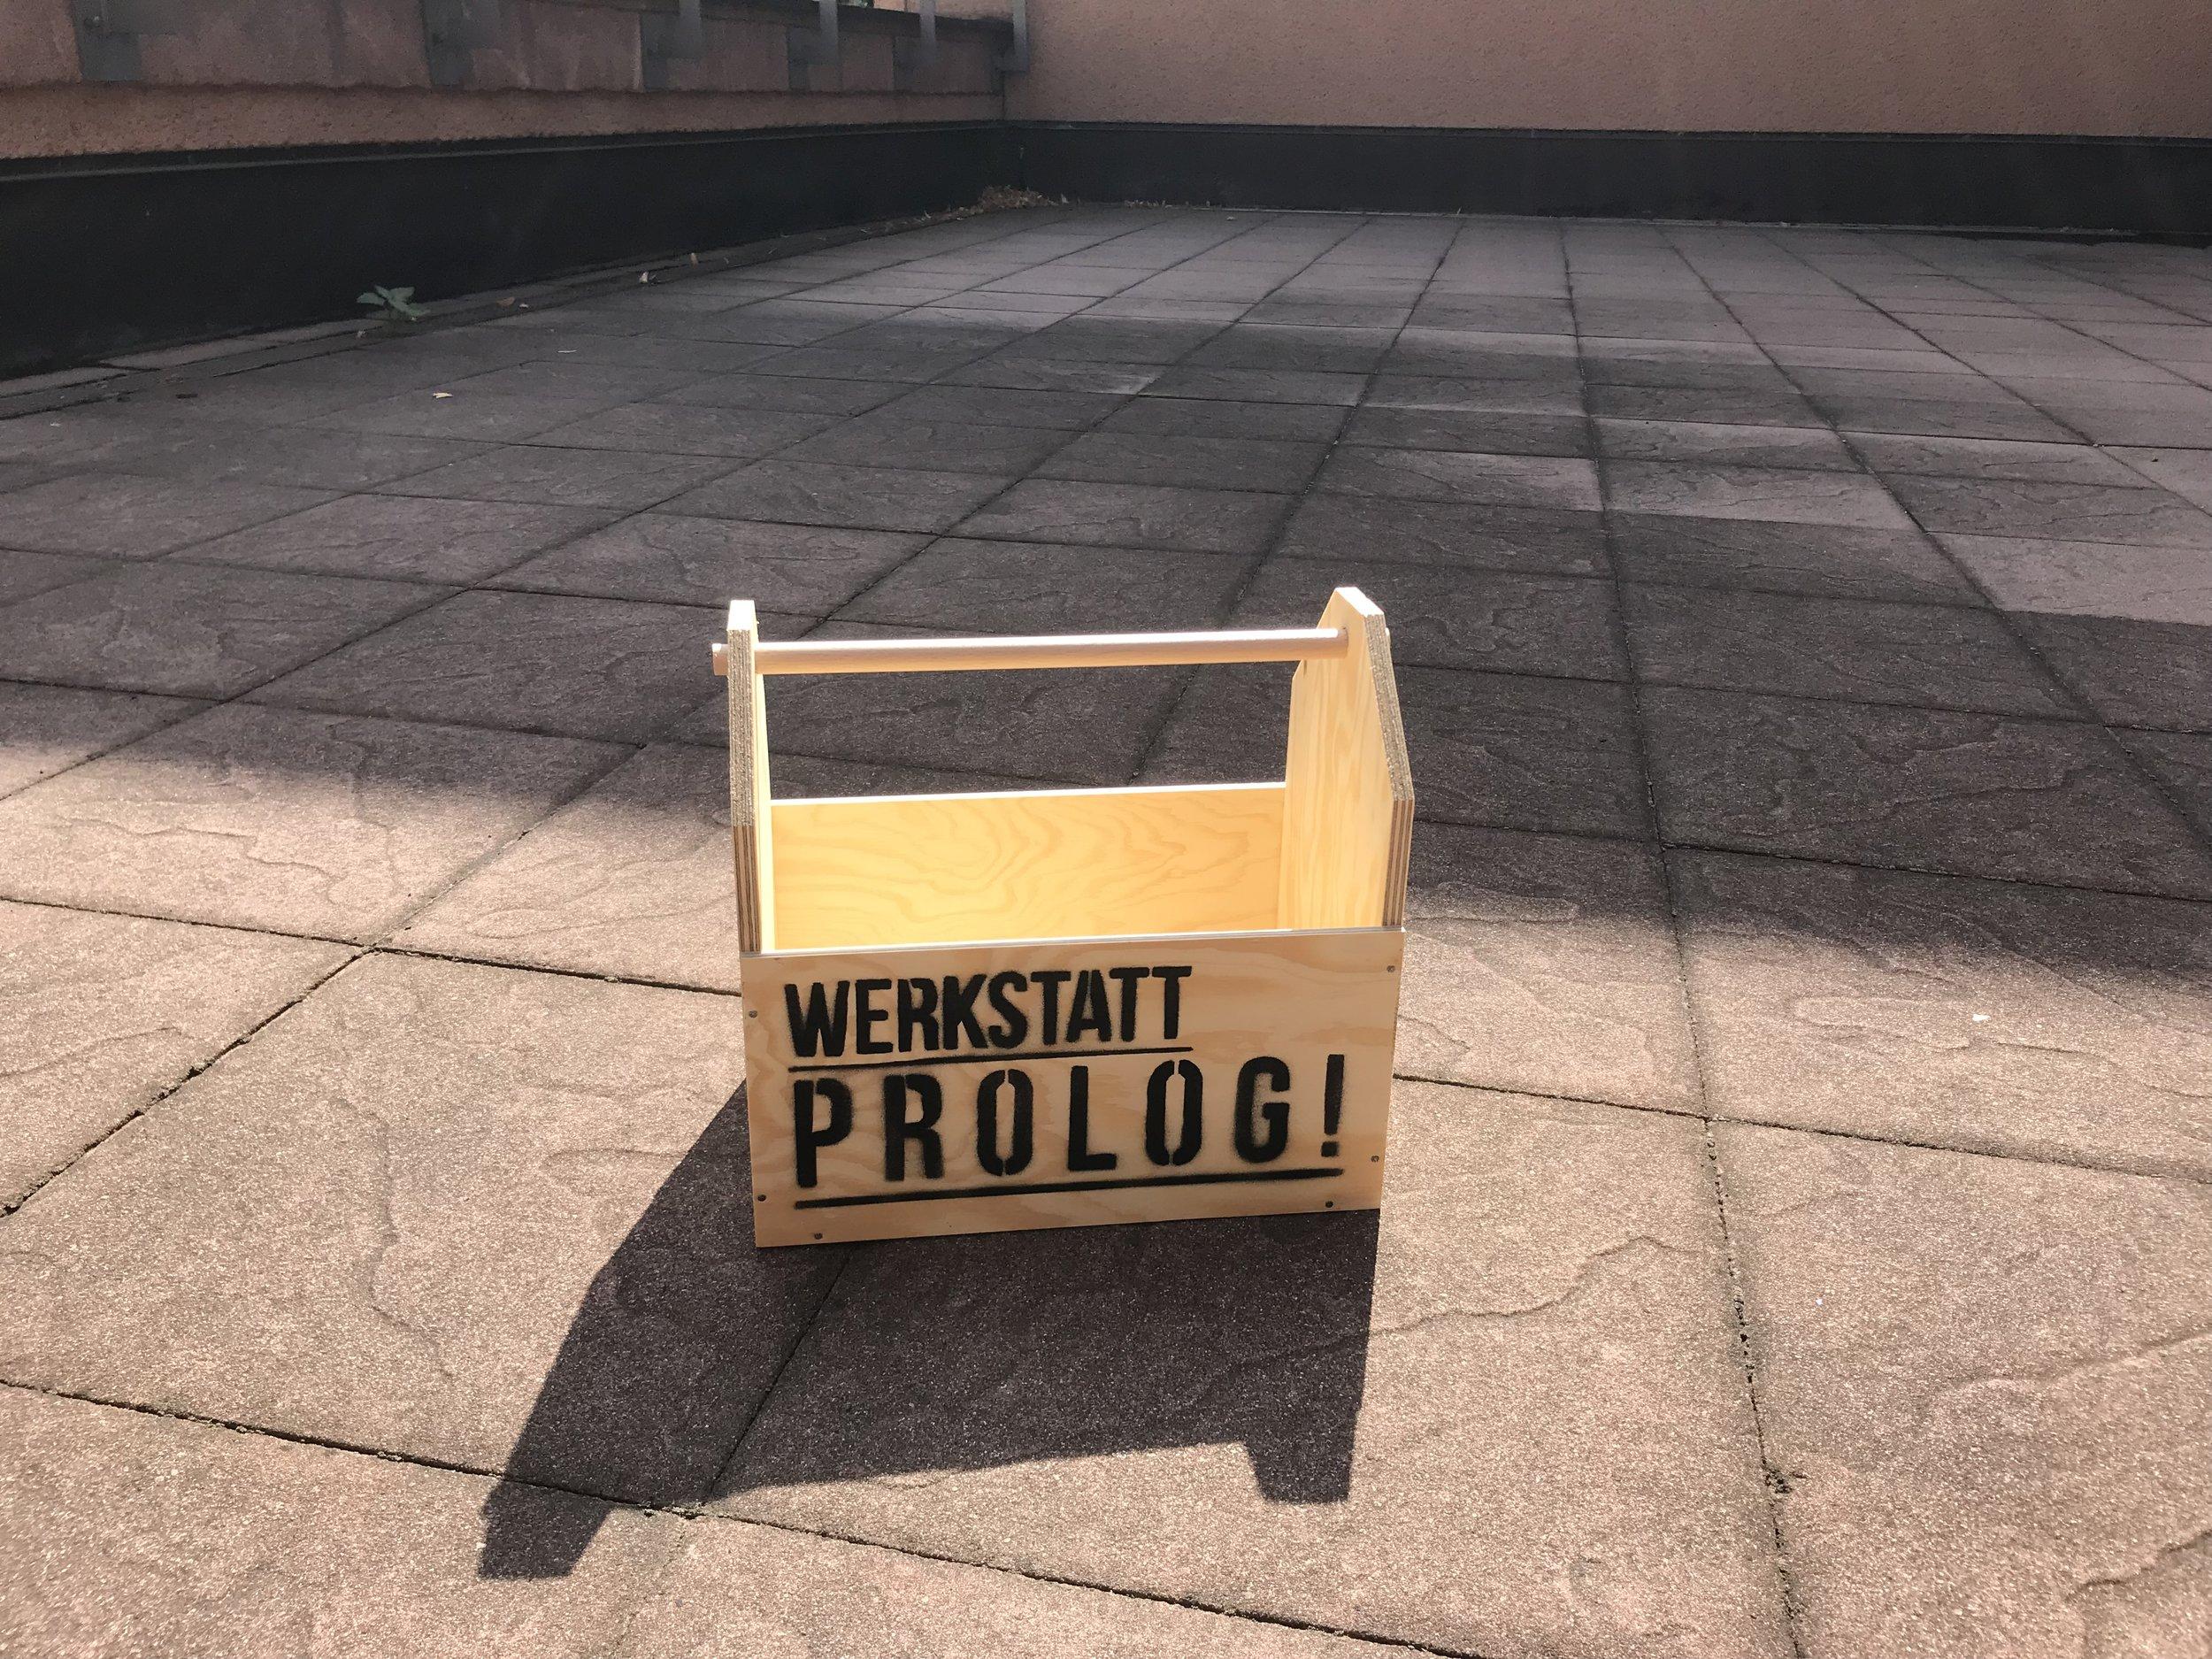 - 07.09.2018 Prolog WerkzeugkistePünktlich zum GRASSI-Fest haben wir für neugierige MuseumsbesucherInnen einen abenteuerlichen Rundgang durch die WERKSTATT PROLOG entwickelt. Kommt vorbei, nehmt euch eine Werkzeugkiste und los geht's!